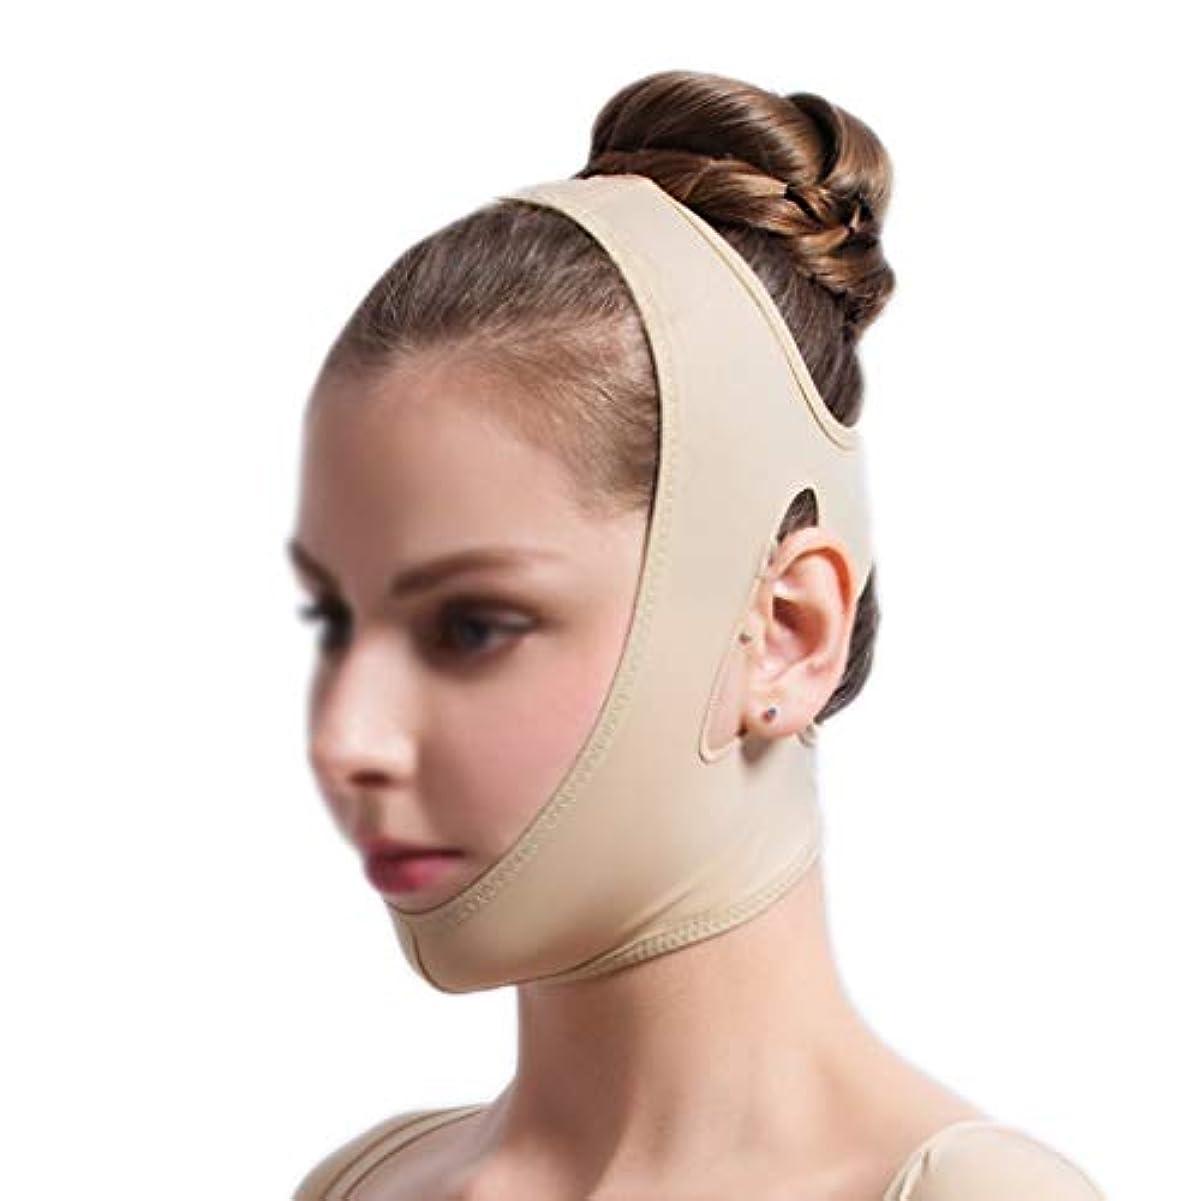 キリンペレット無視できるXHLMRMJ フェイスリフティング包帯、フェイシャル減量マスク、フェイシャルリフティング痩身ベルト、痩身頬マスク (Size : XXL)